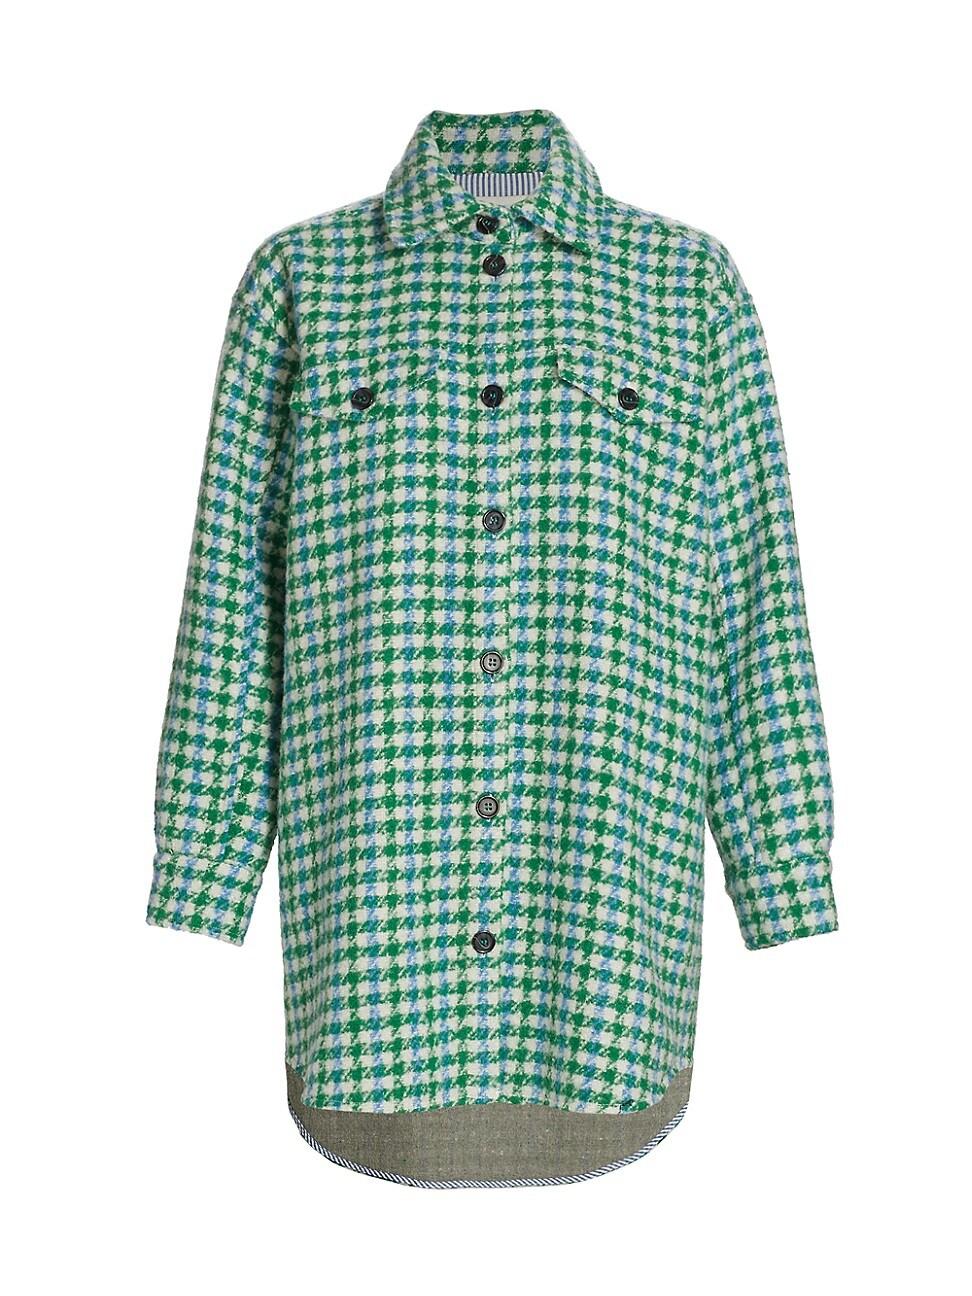 Munthe Clothing WOMEN'S TARGET PLAID WOOL-BLEND SHIRT JACKET